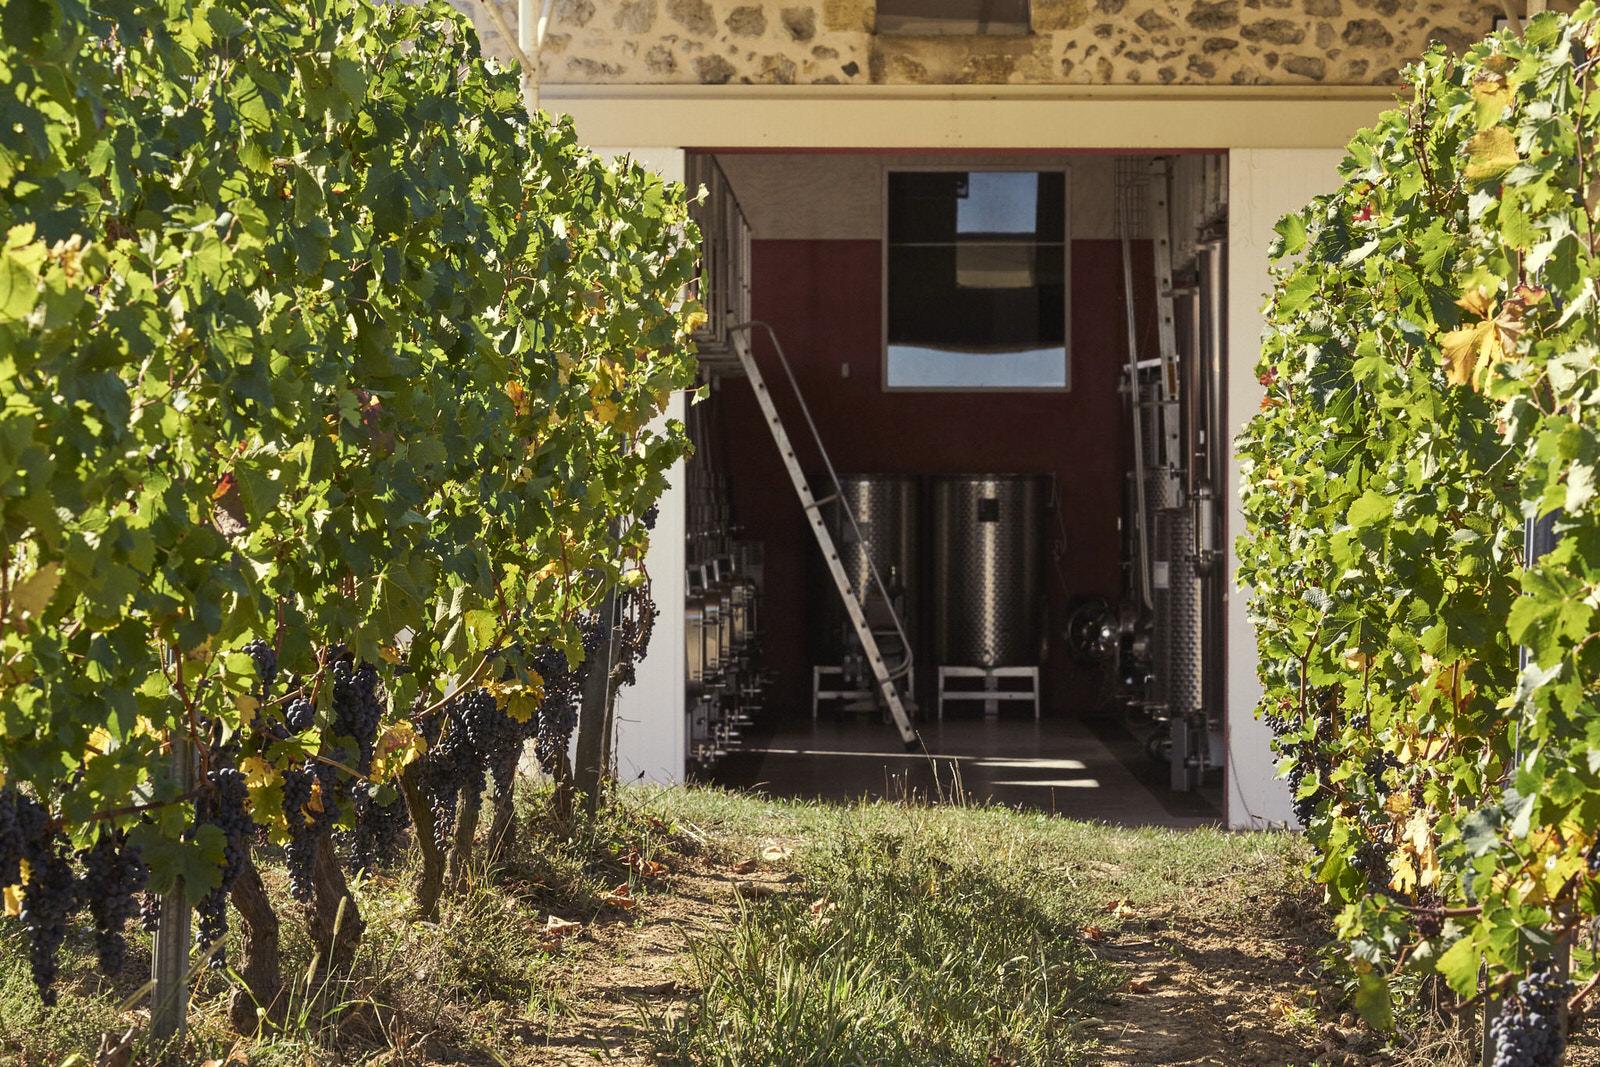 Reportage photo - Domaine viticole 3